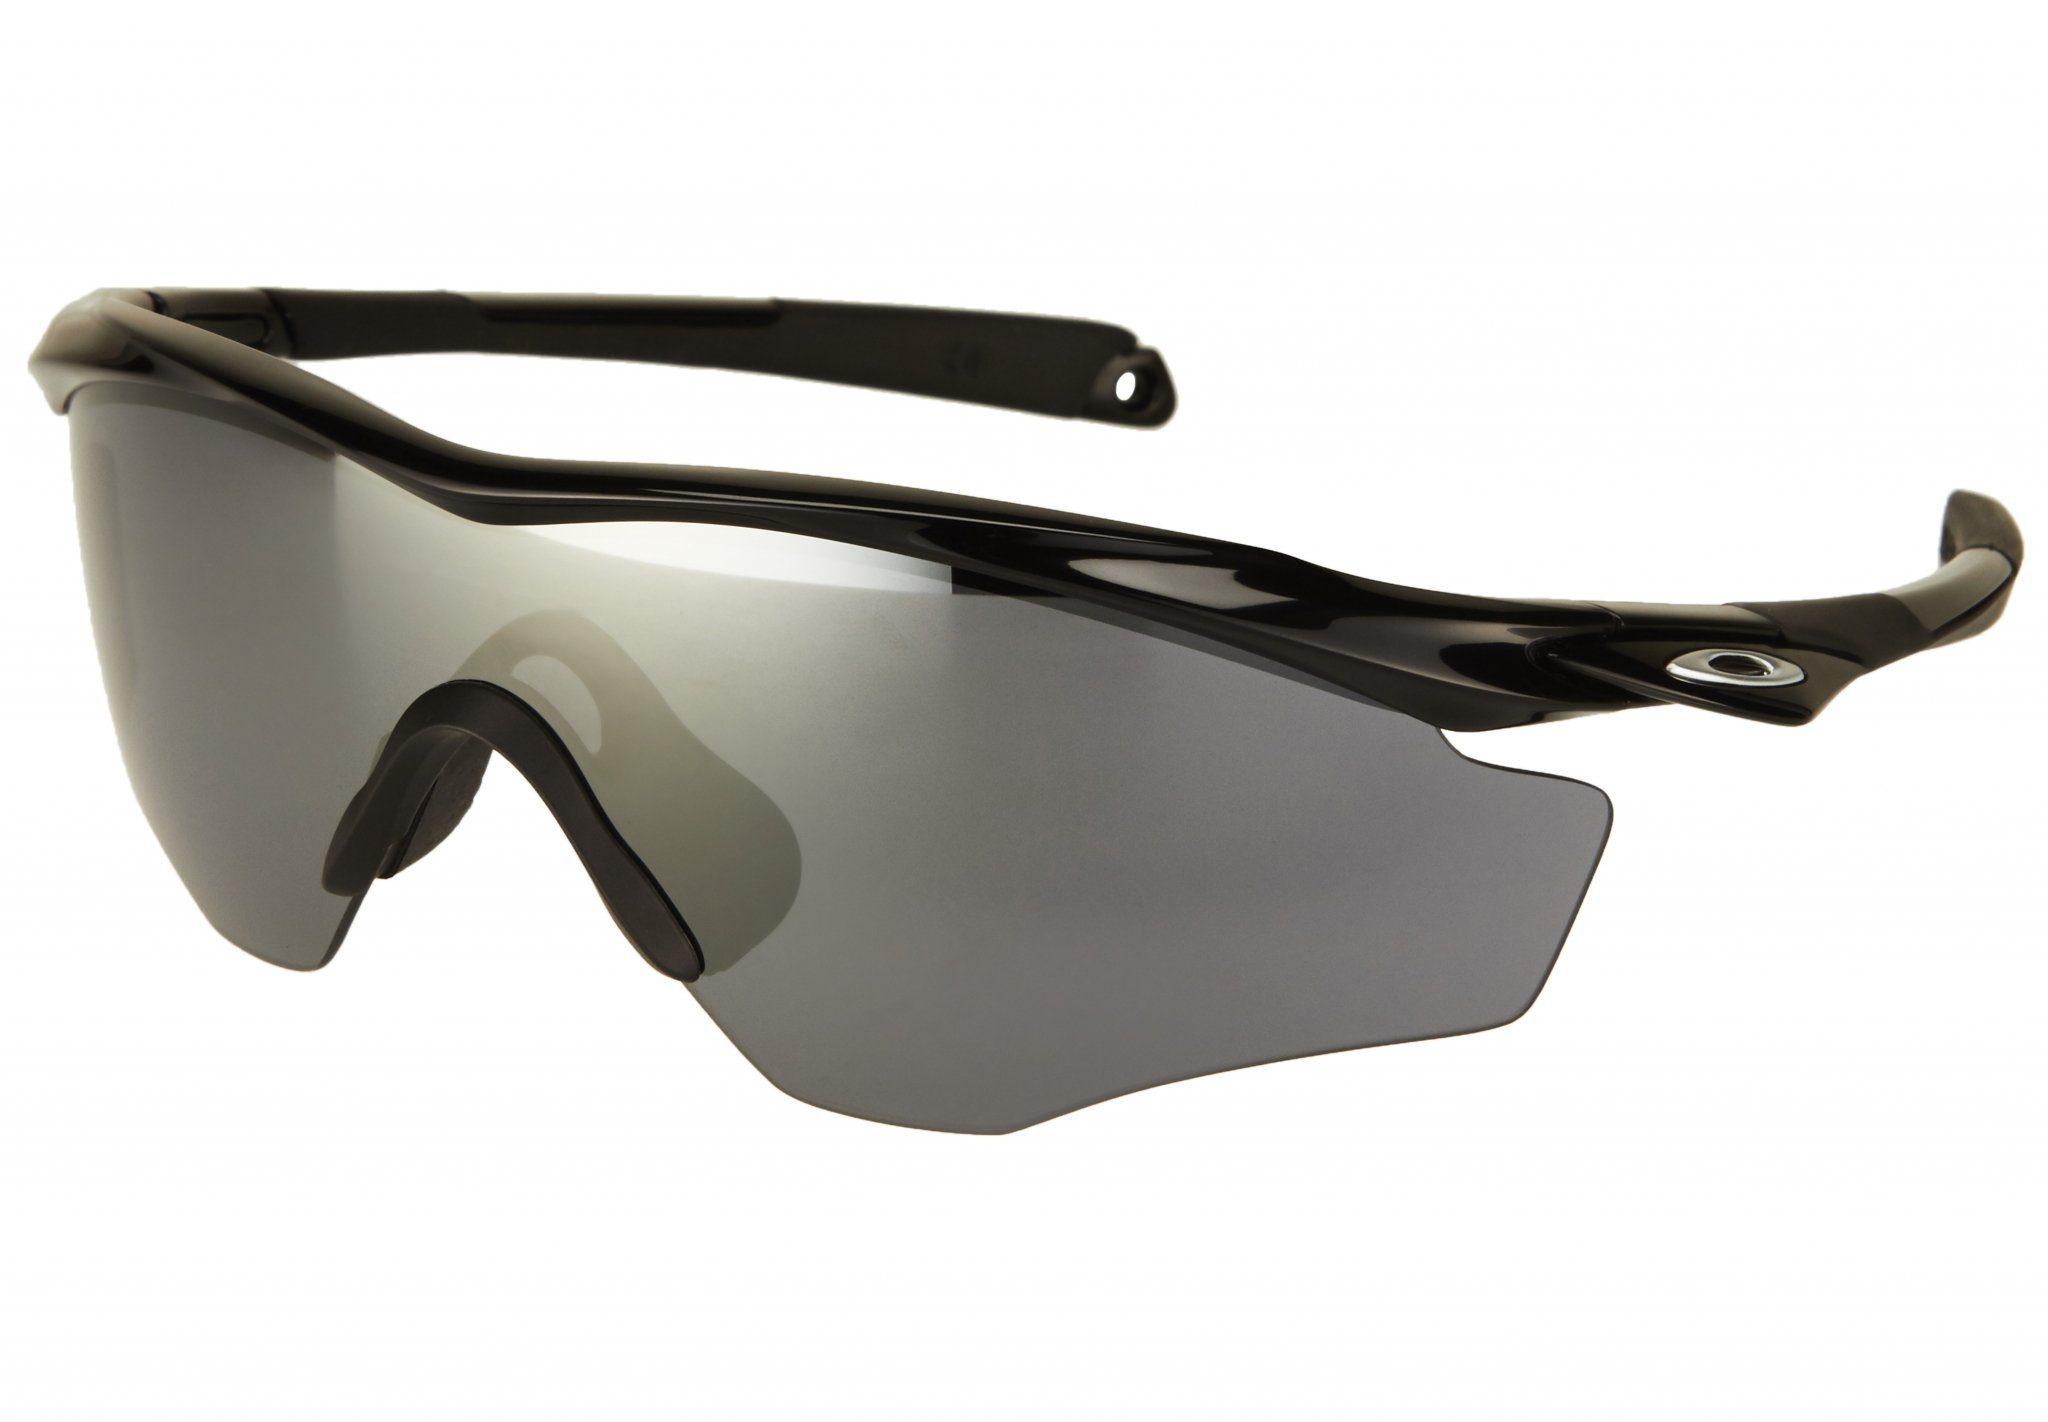 Oakley Radsportbrille »M2 Frame XL«